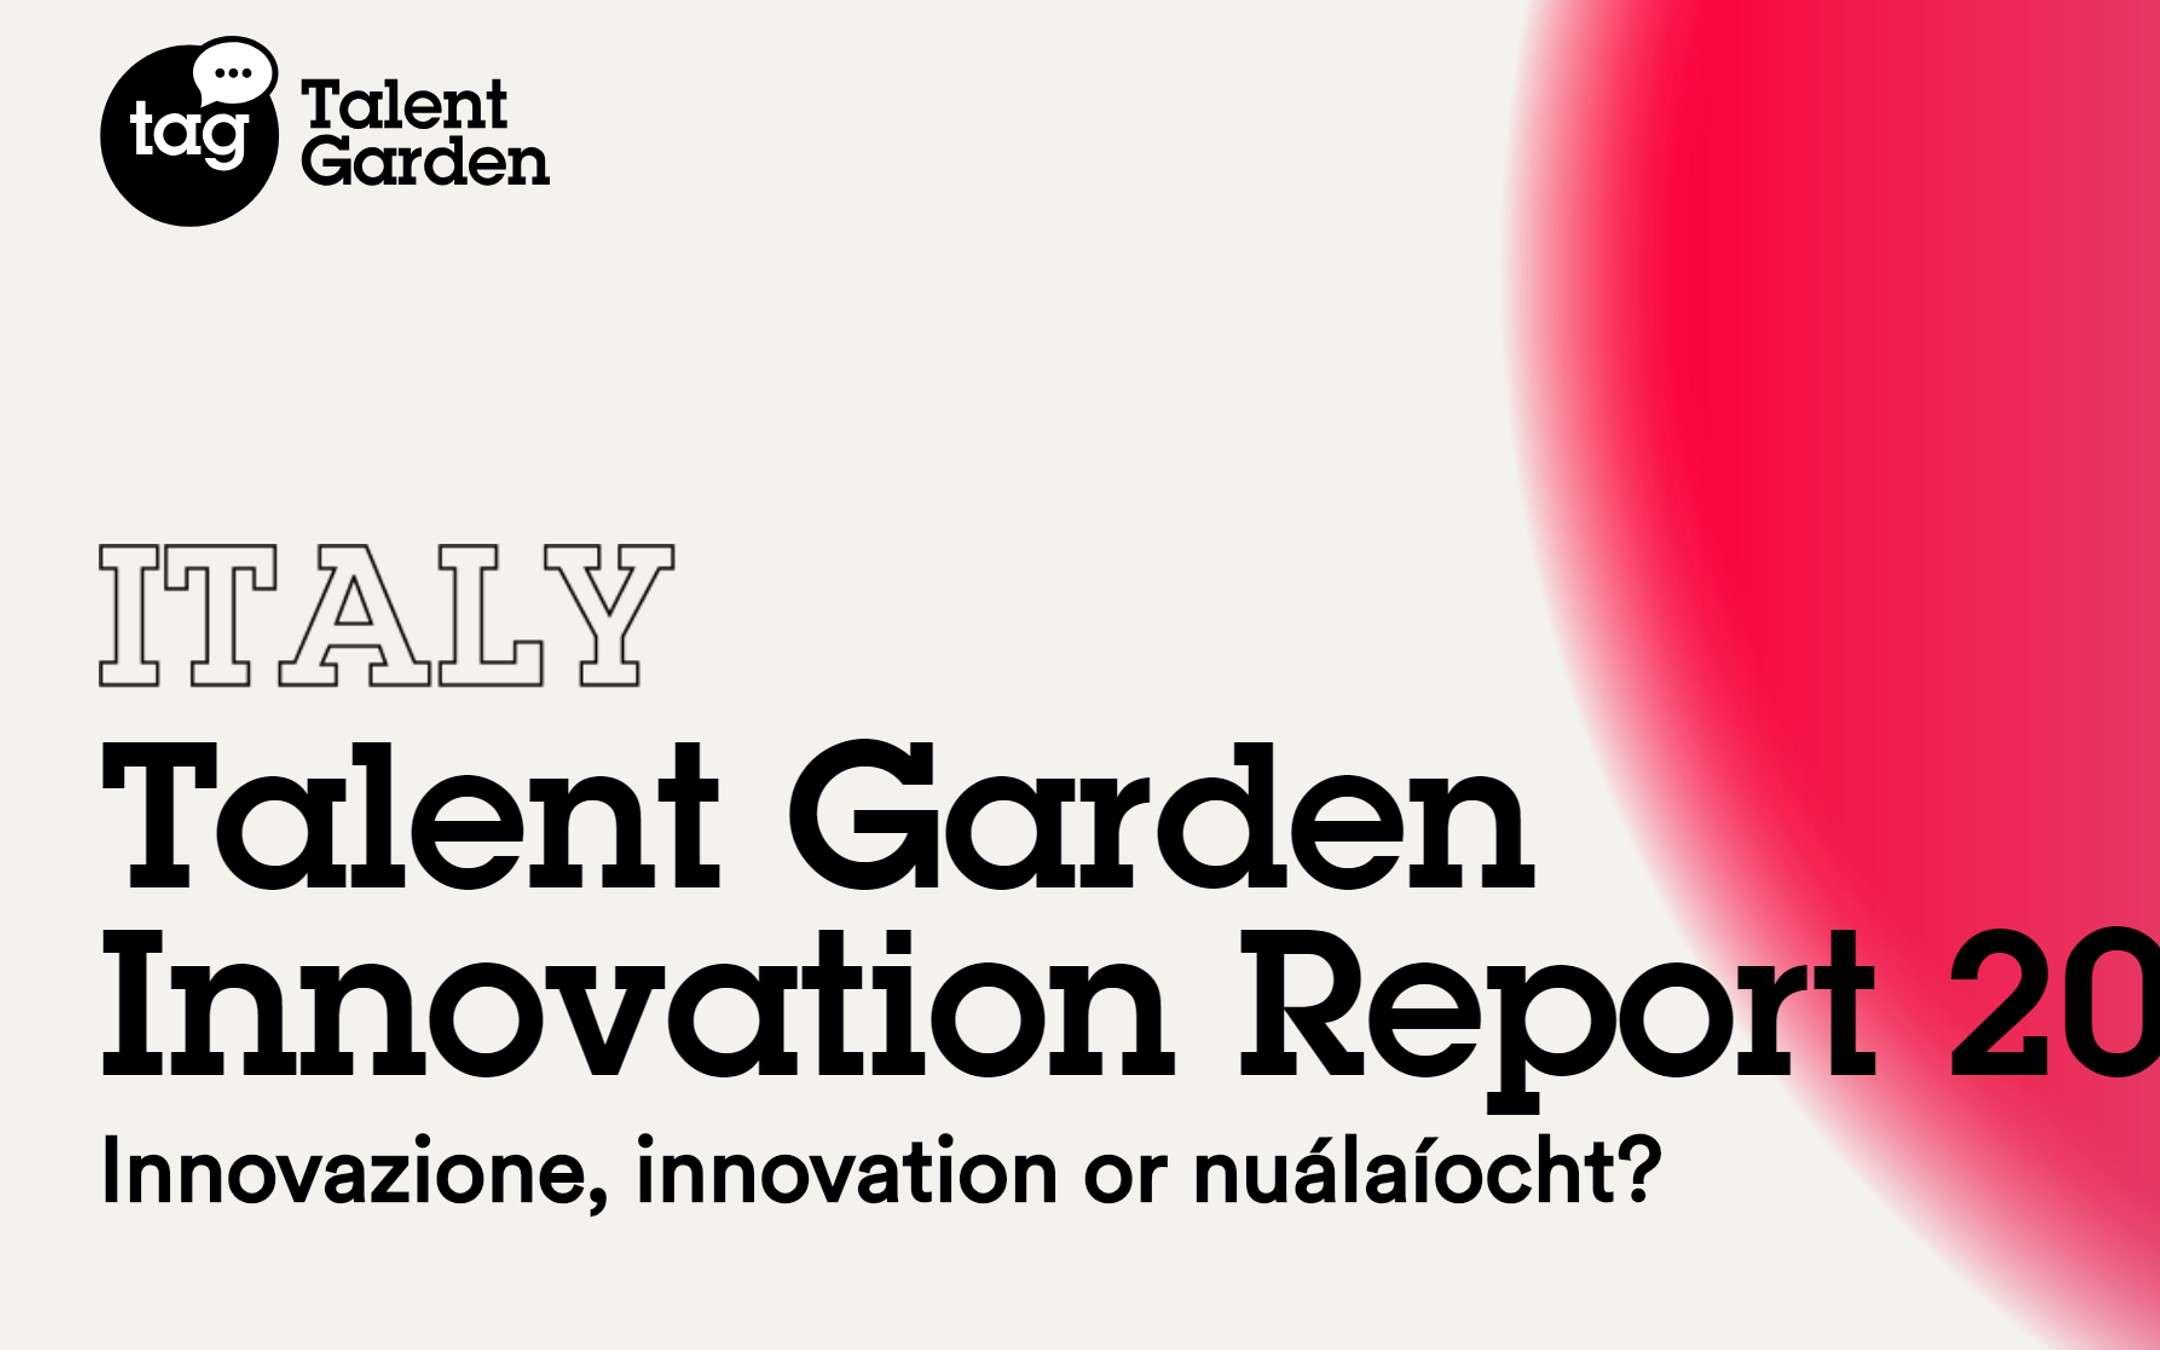 Talent Garden Innovation Report